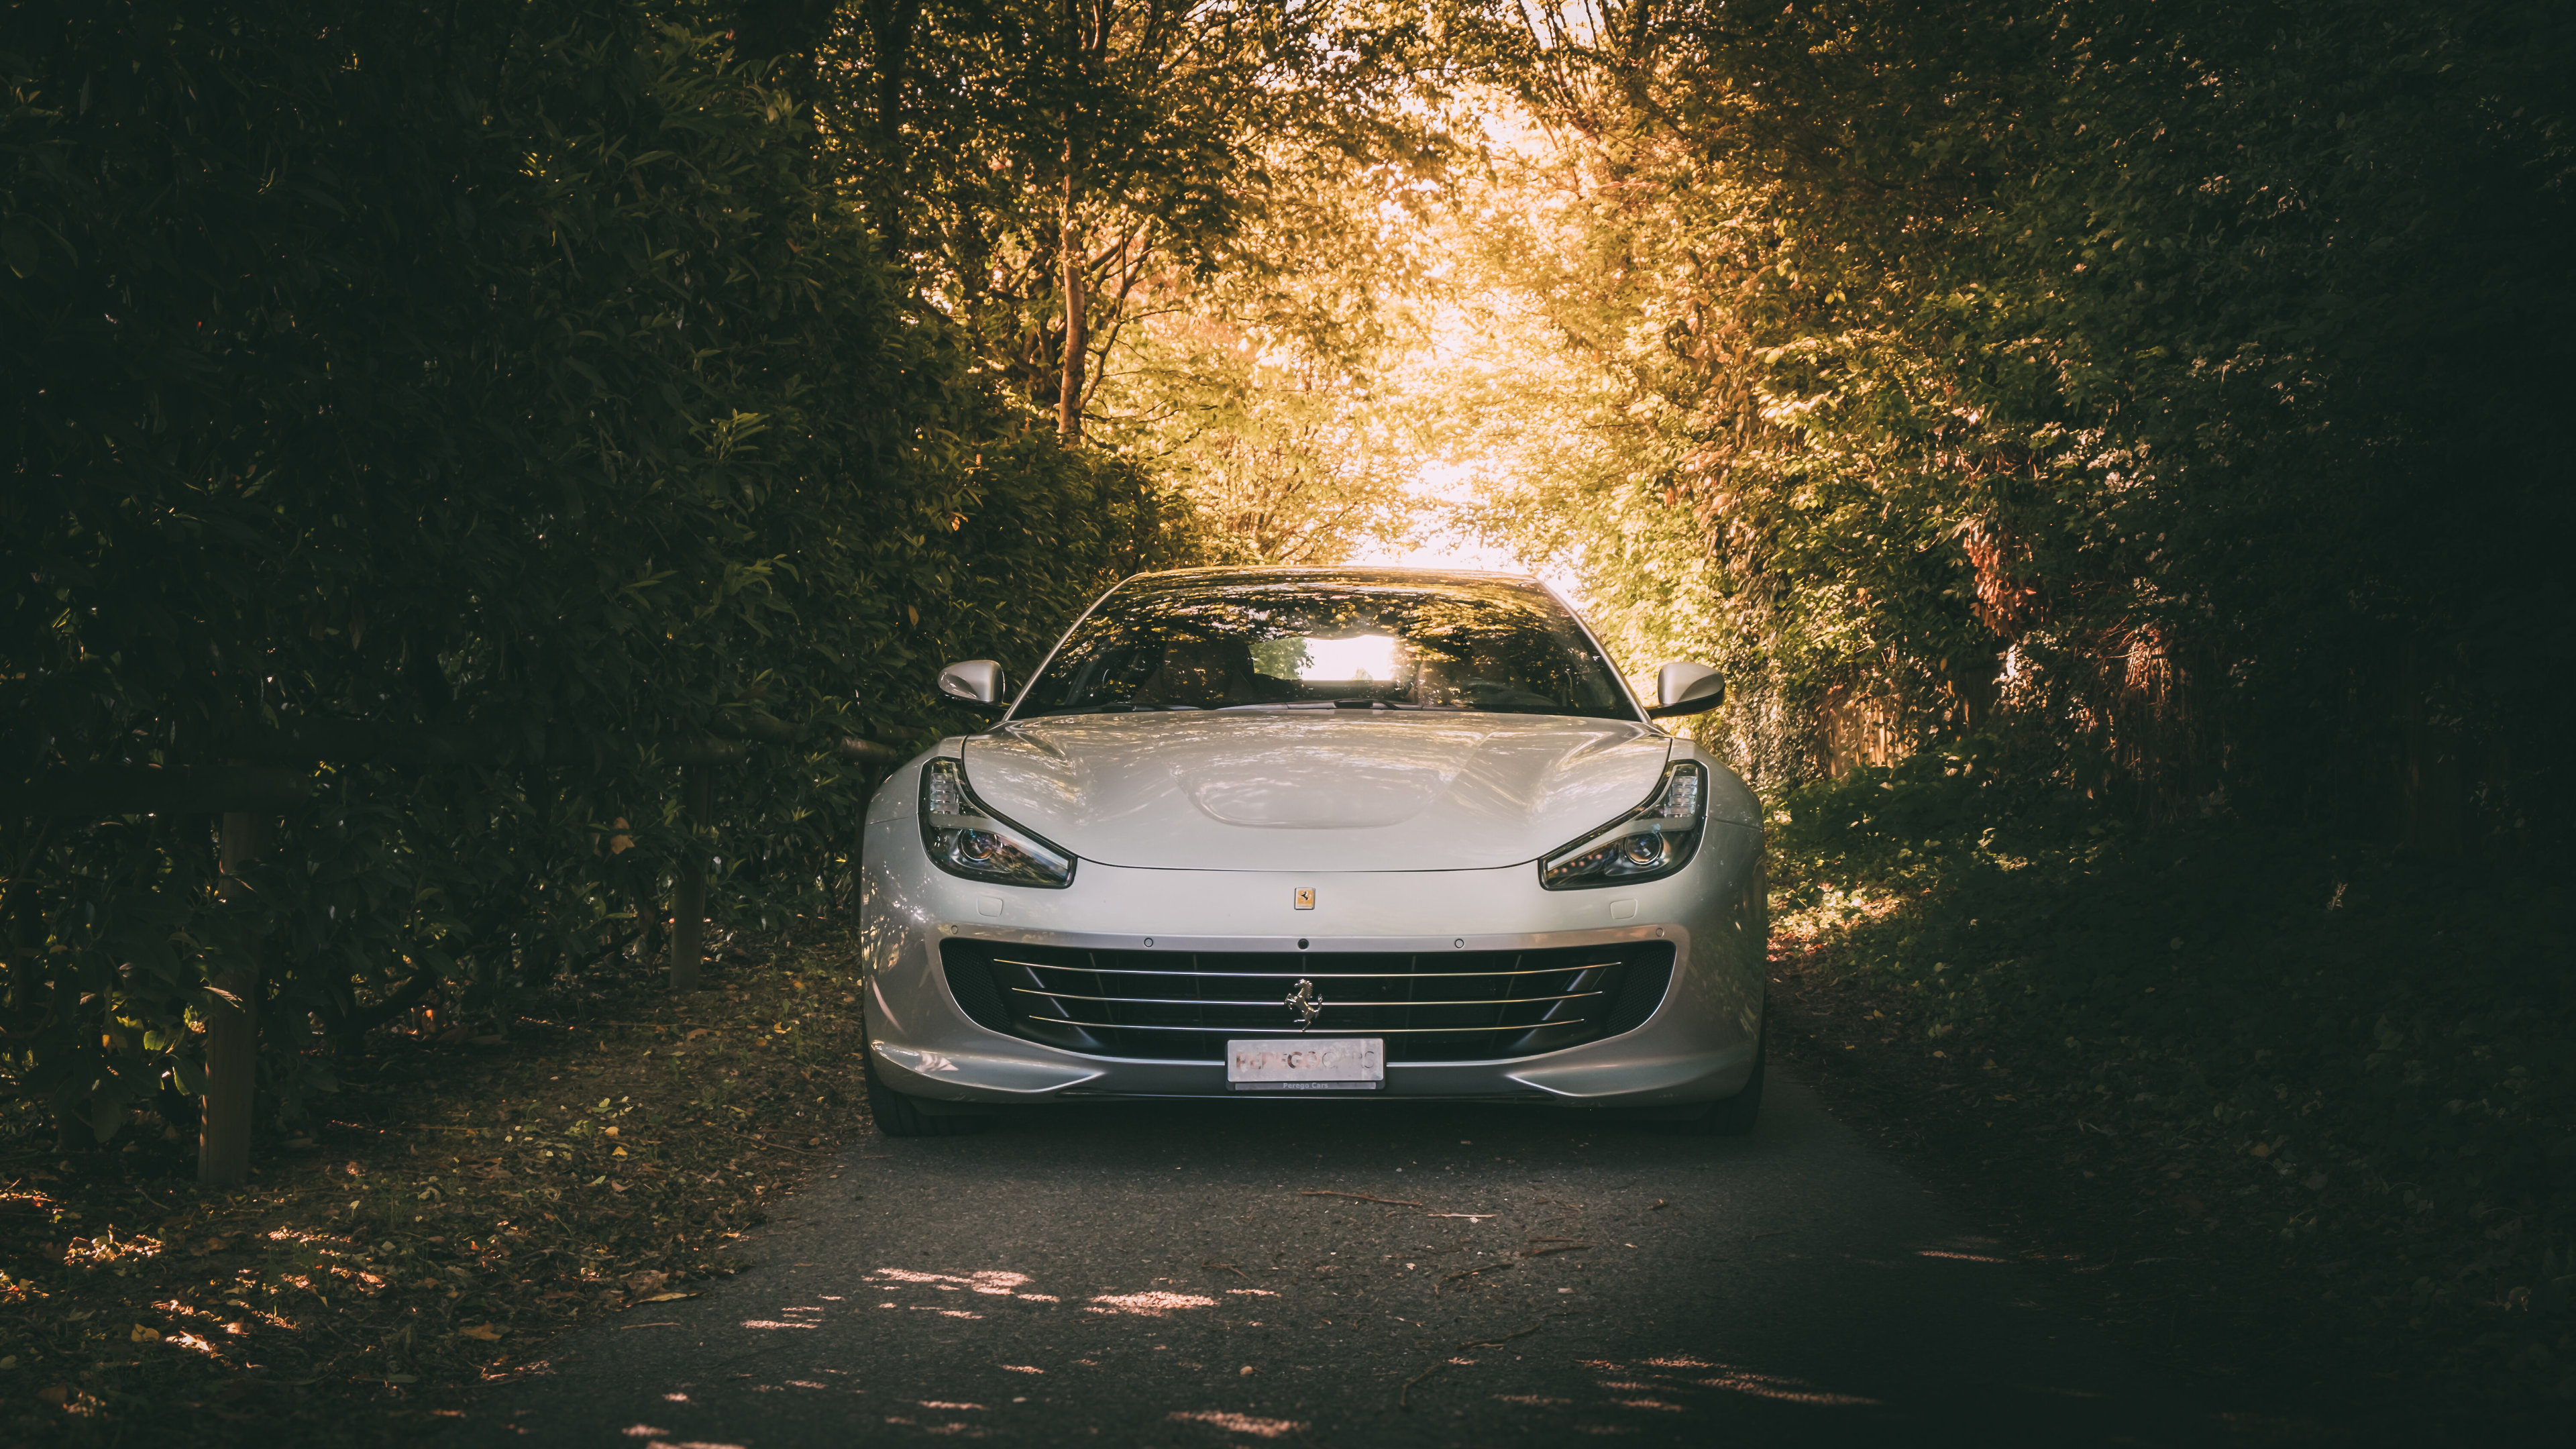 white ferrari 1562108062 - White Ferrari - hd-wallpapers, ferrari wallpapers, cars wallpapers, 5k wallpapers, 4k-wallpapers